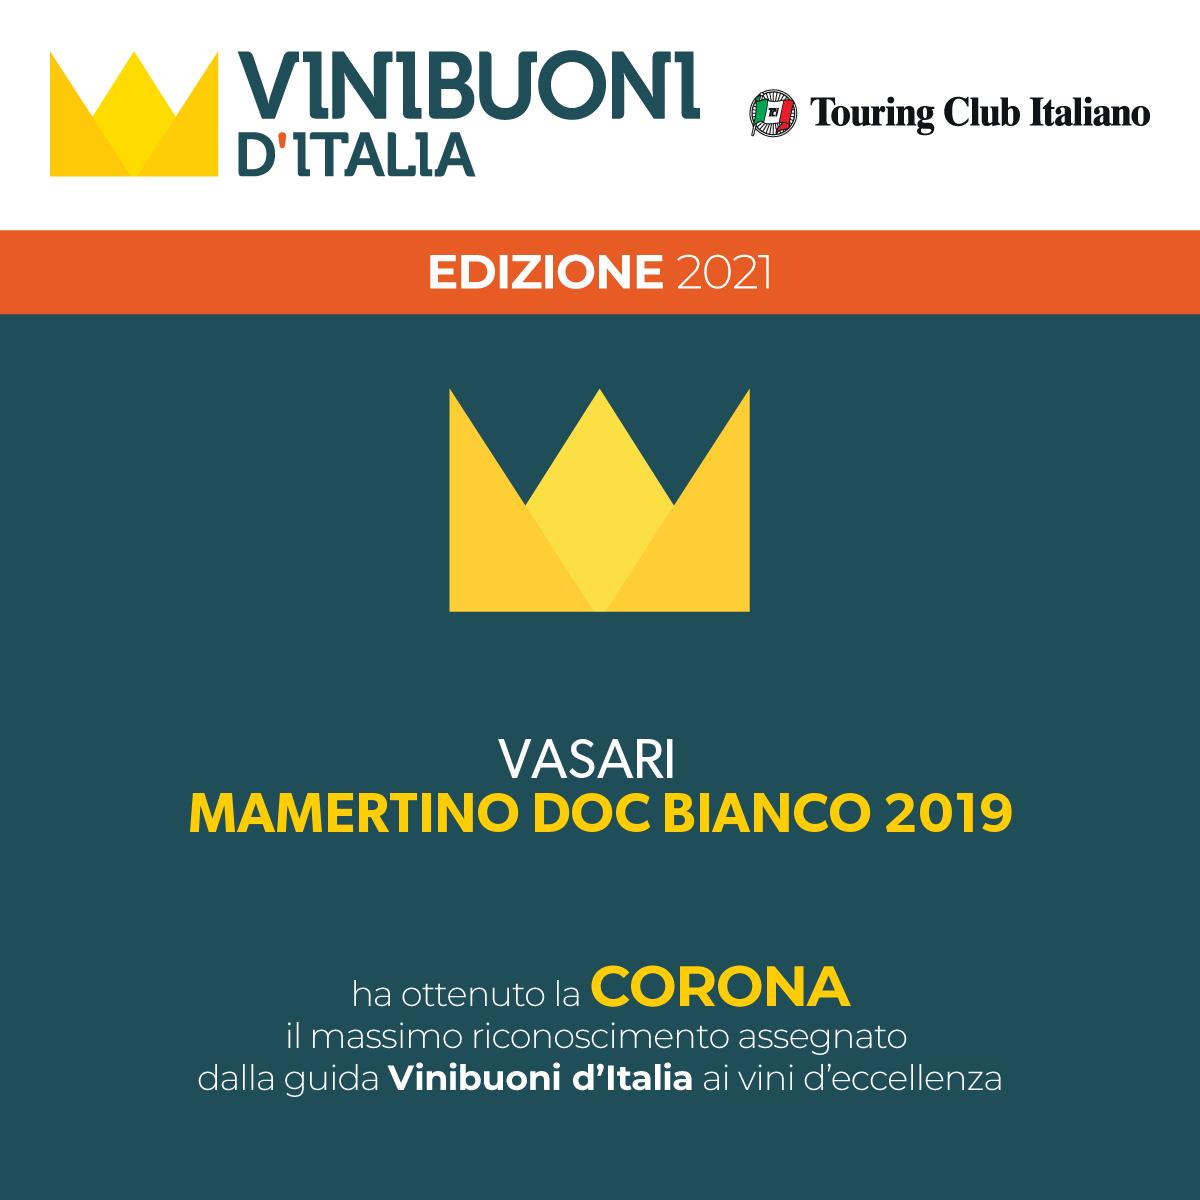 corona-vinibuoni-mamertinobianco19